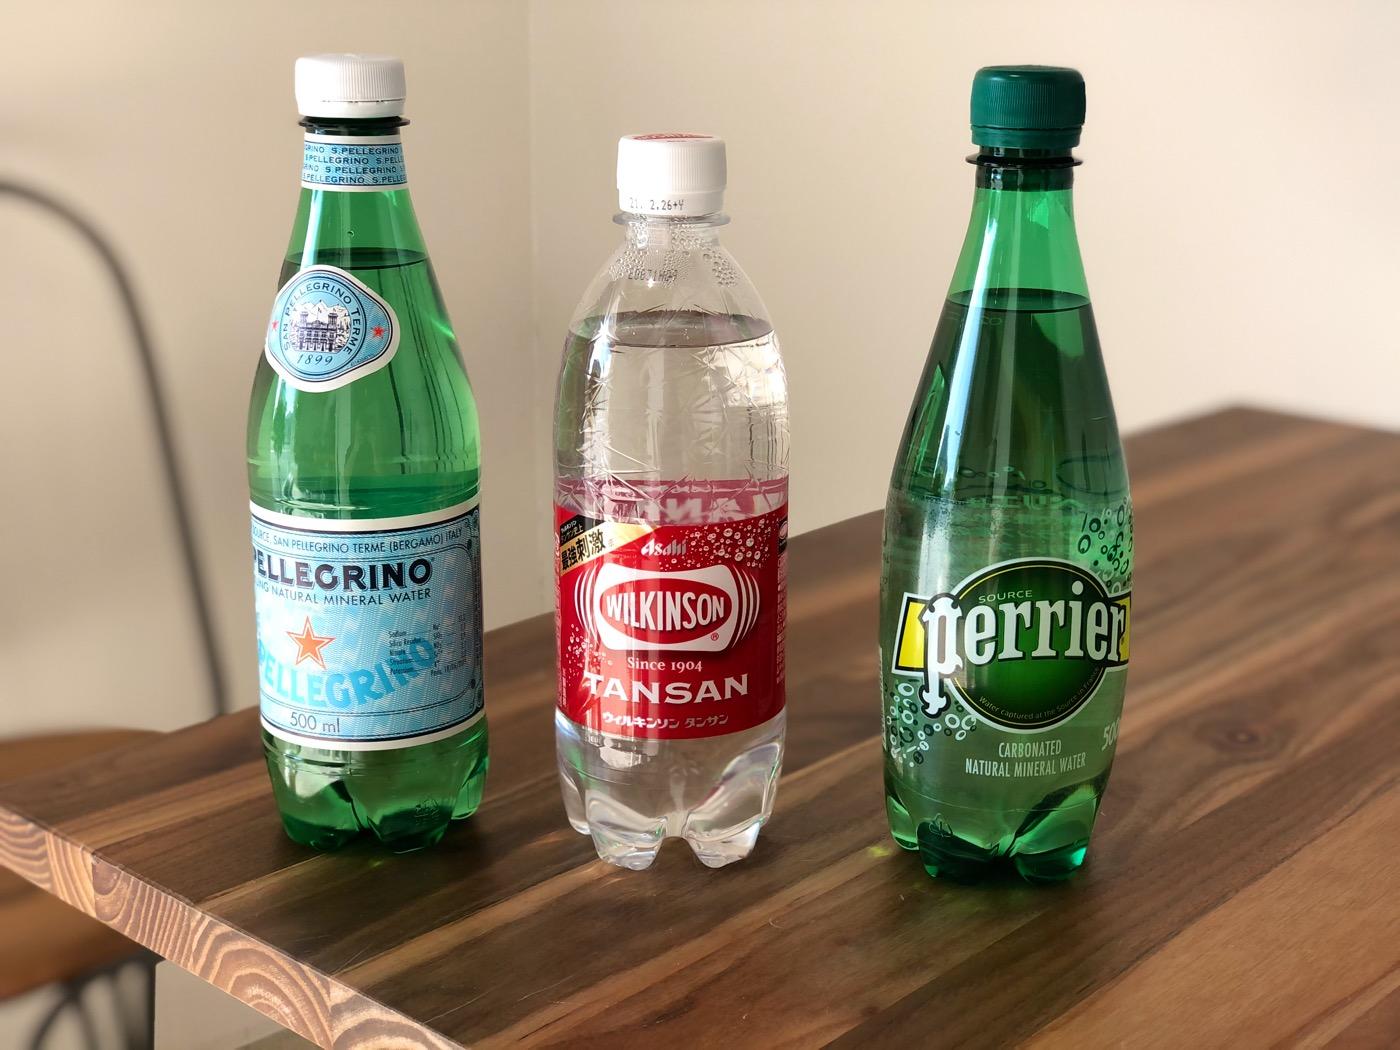 ダイエットにもおすすめ!?人気の炭酸水3種類を飲み比べて、その違いを比較してみました!